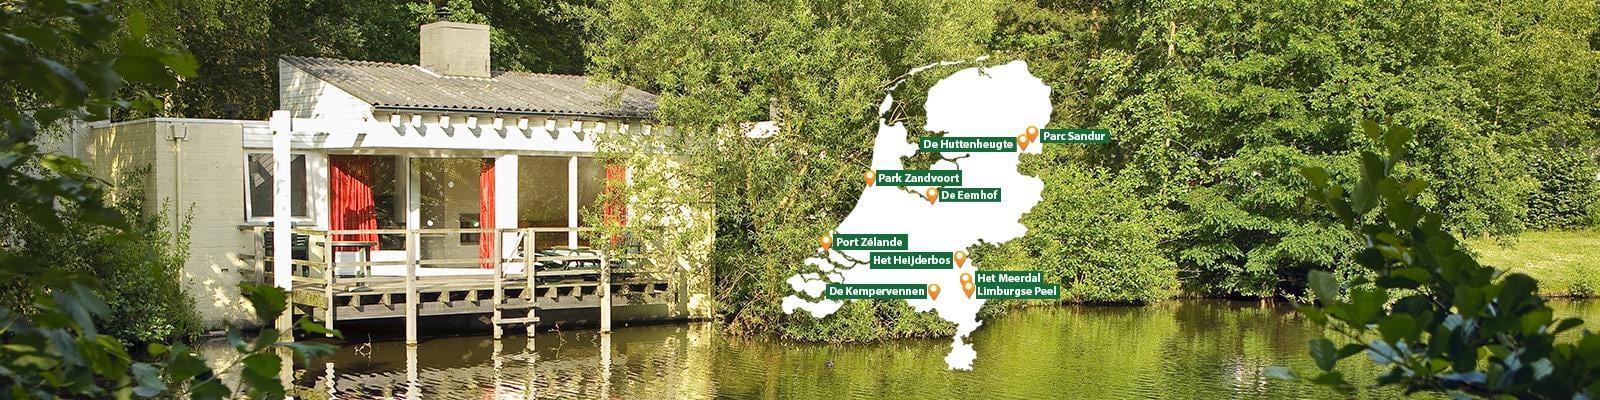 Ferienhaeuser Holland